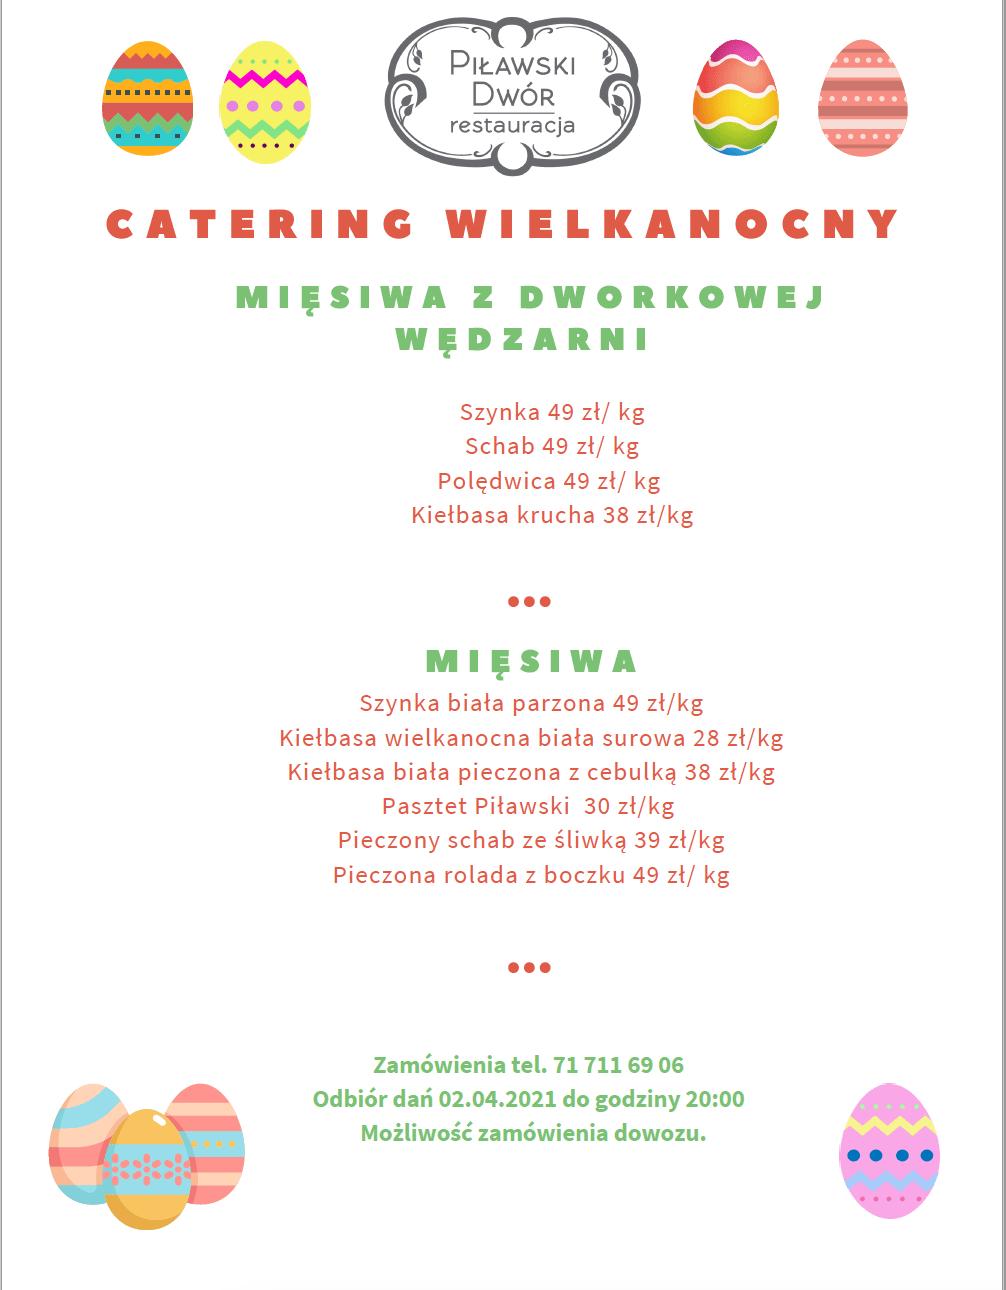 catering na wielkanoc 2021 Katy Wrocławskie